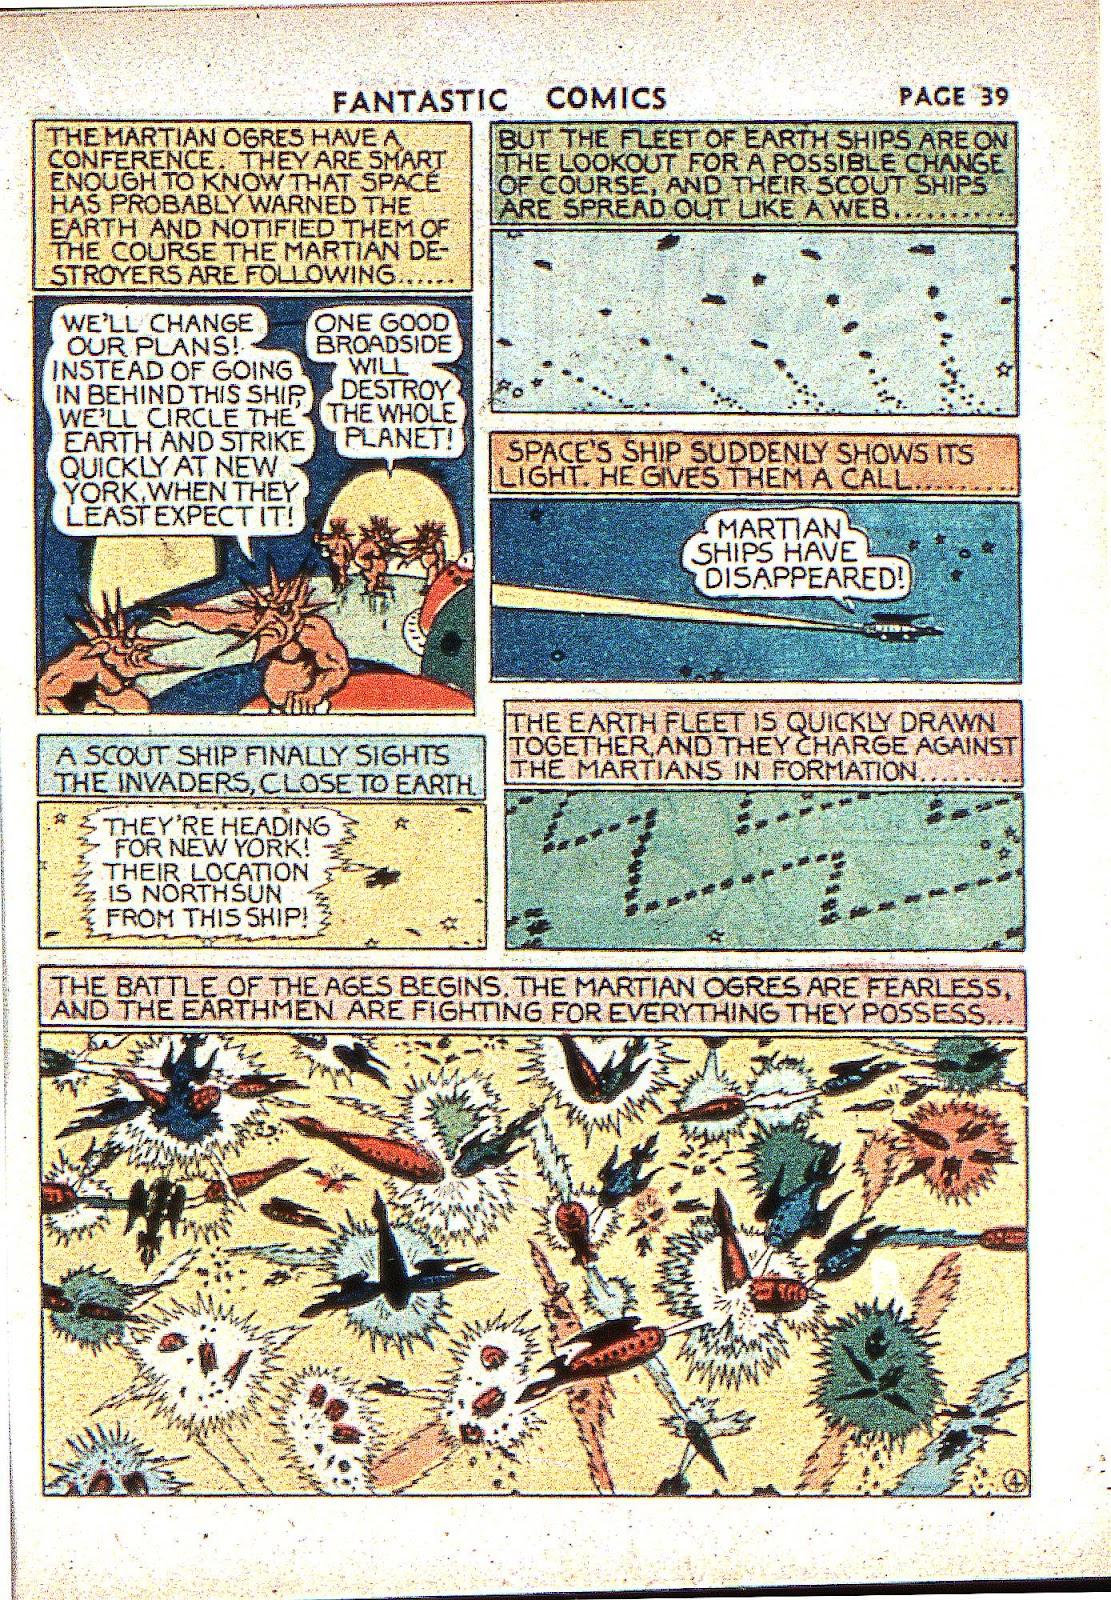 Read online Fantastic Comics comic -  Issue #2 - 40